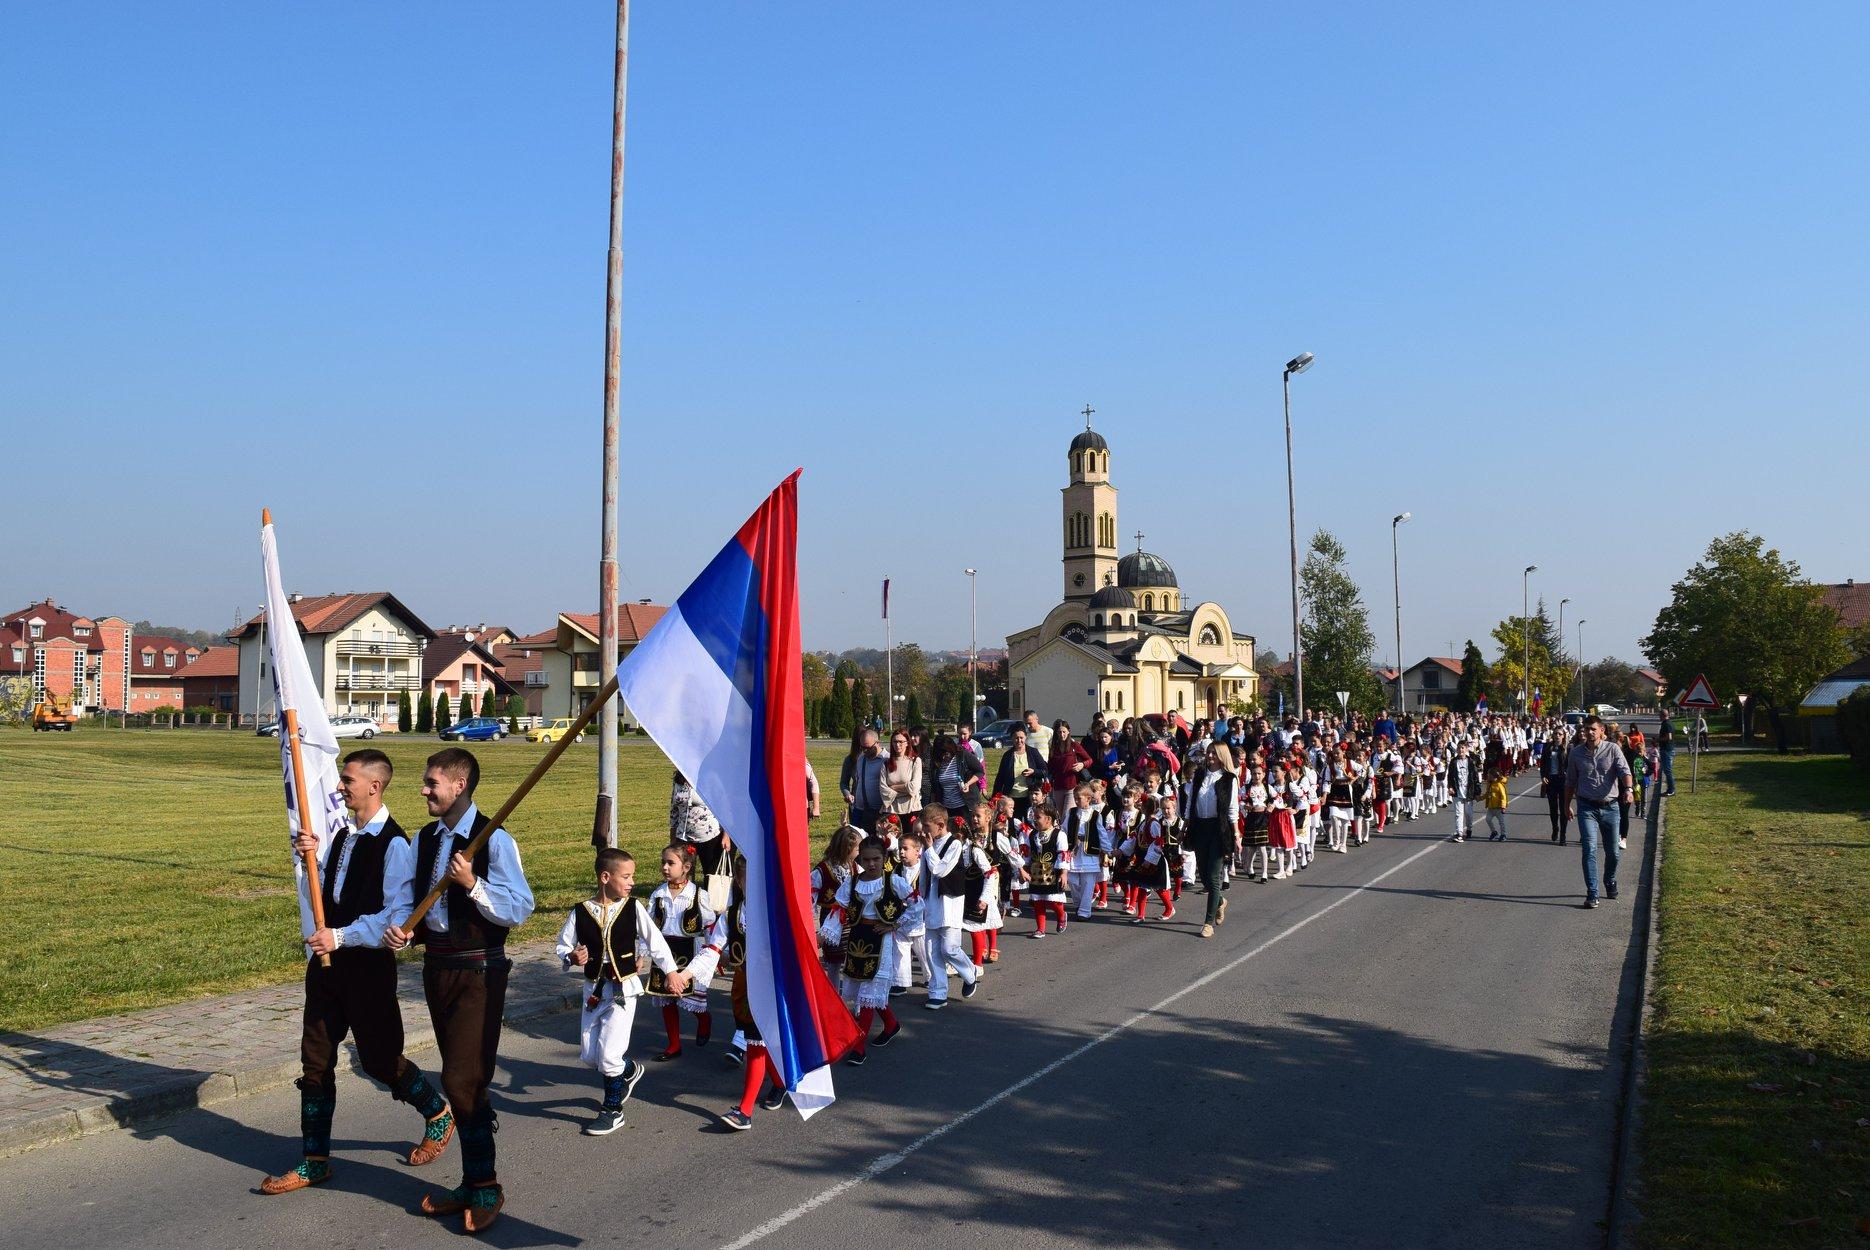 DEFILE UČESNIKA I SMOTRA 12-og DEČIJEG FOLKLORNOG STVARALAŠTVA UGLJEVIK 2019 (tekst i audio)